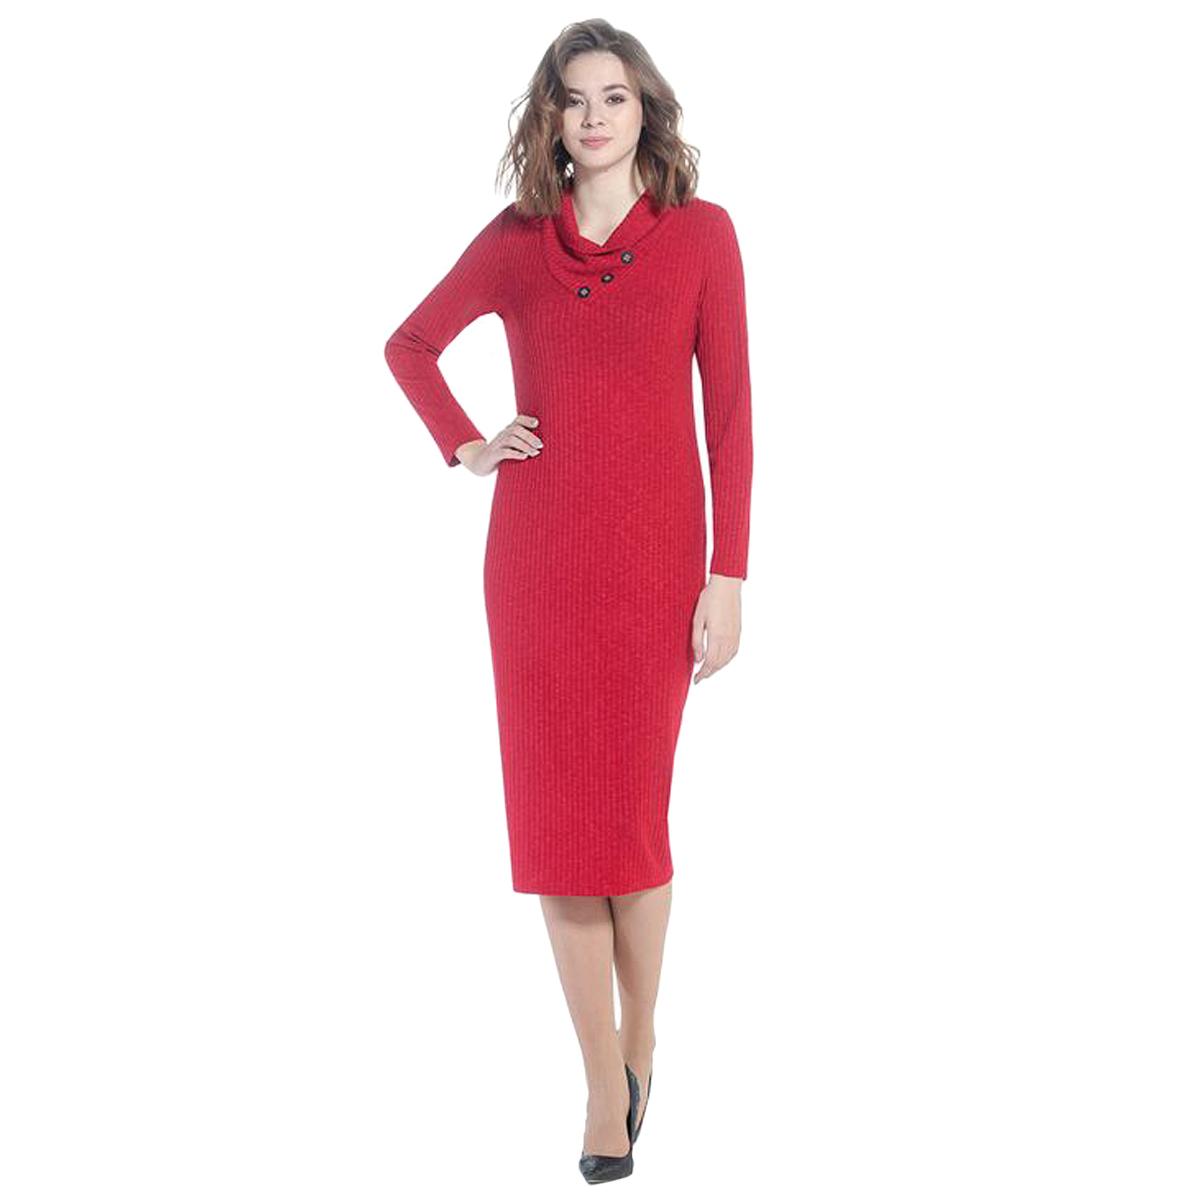 Платье KISLIS, 7496 УС цена